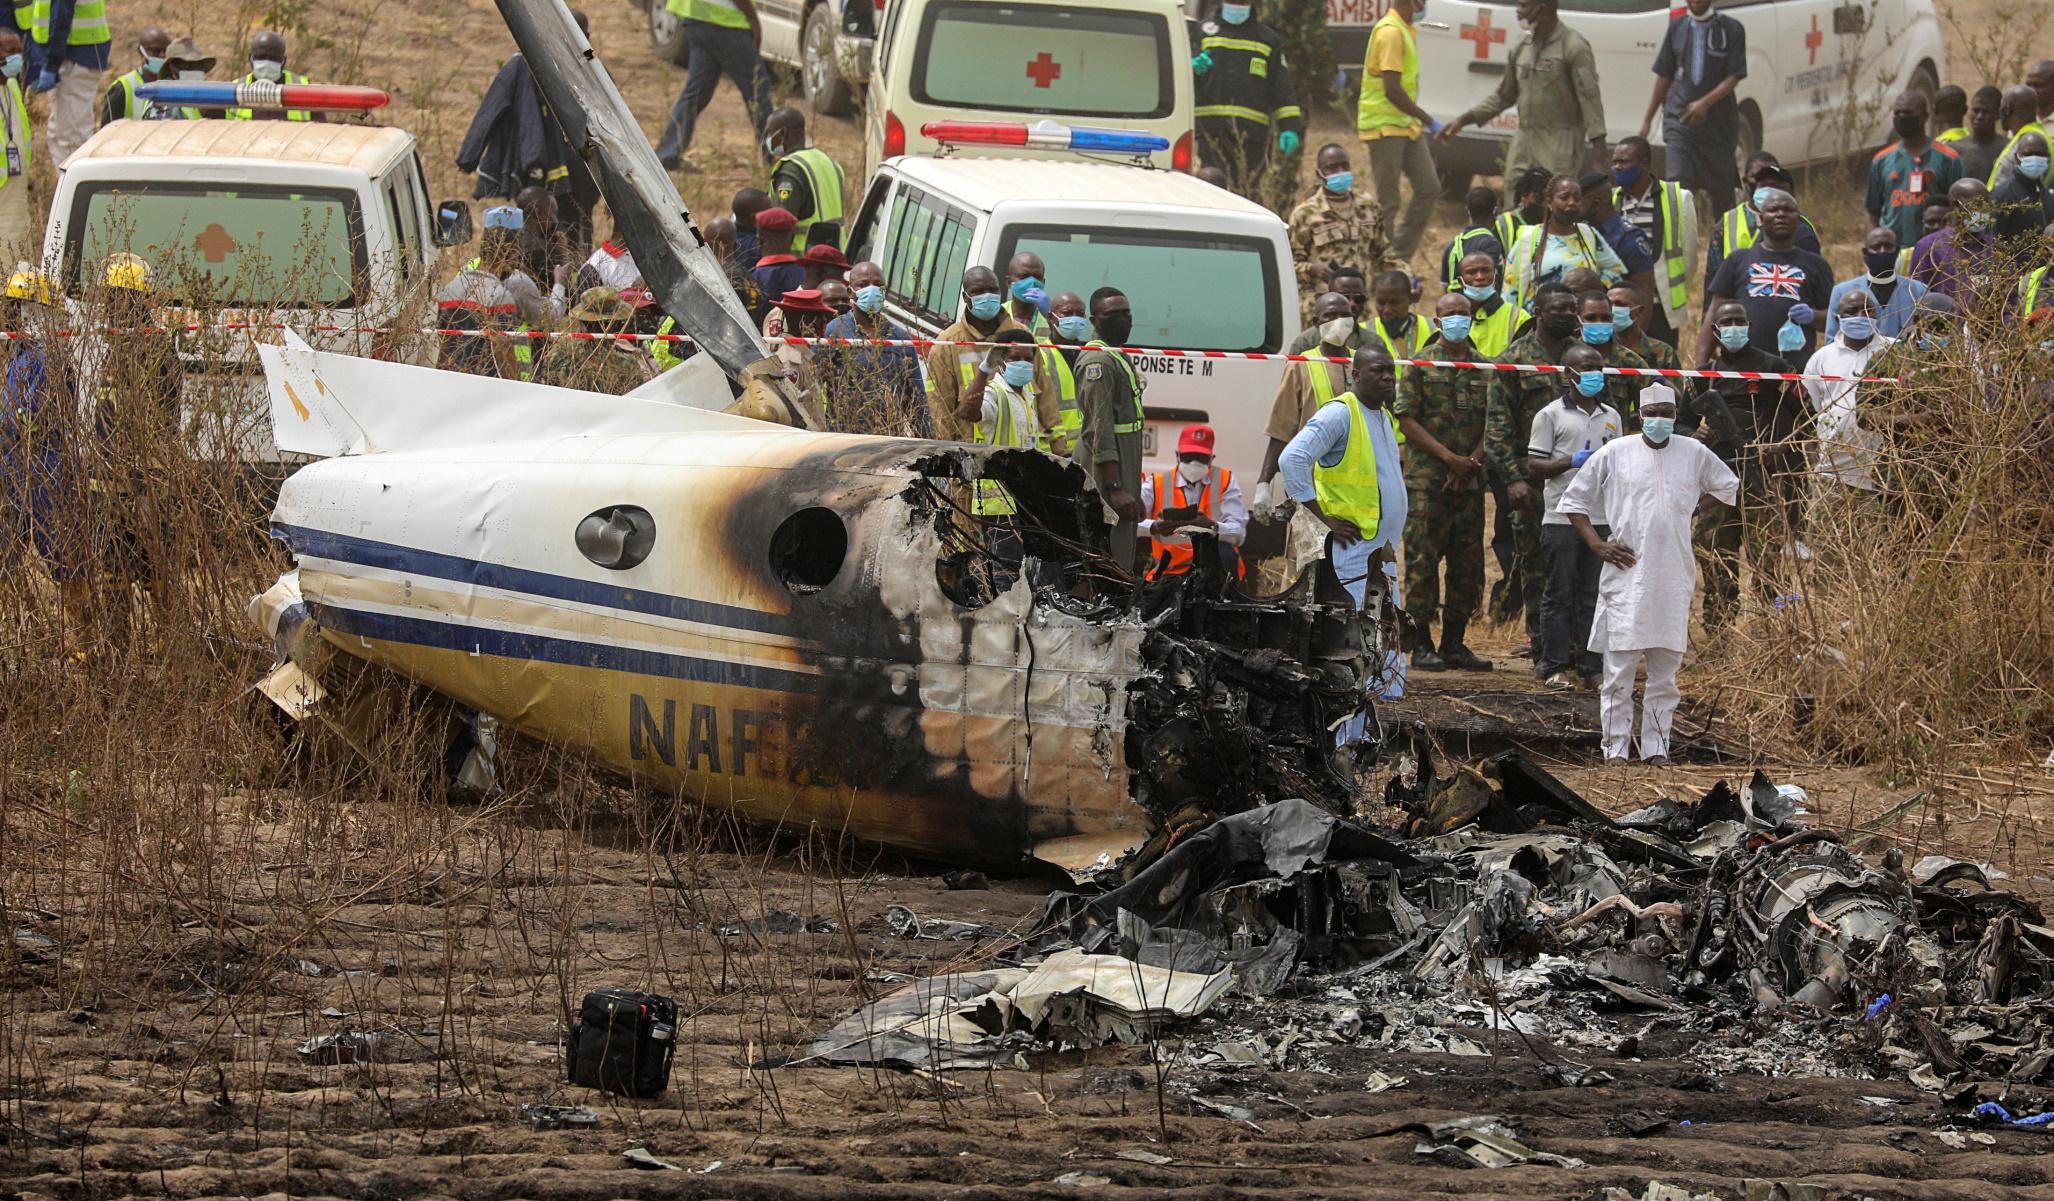 Νιγηρία: 7 νεκροί στη συντριβή στρατιωτικού αεροπλάνου (pics, video)